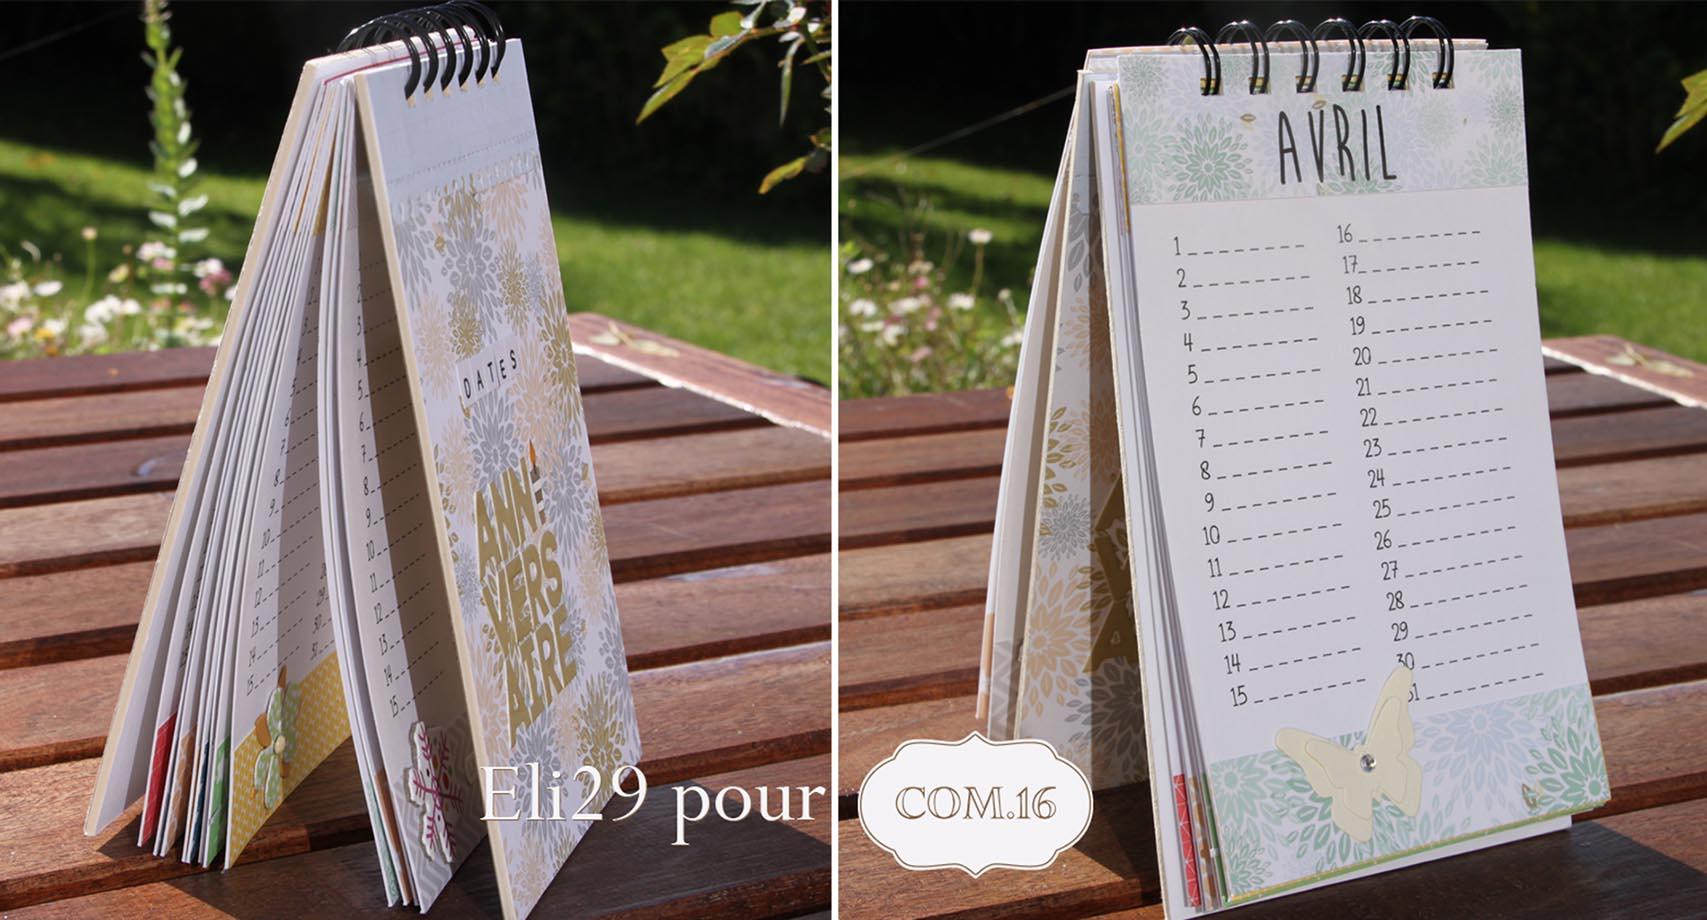 Calendrier Perpétuel Pour Les Anniversaires - Com.16 intérieur Calendrier Anniversaire Perpétuel À Imprimer